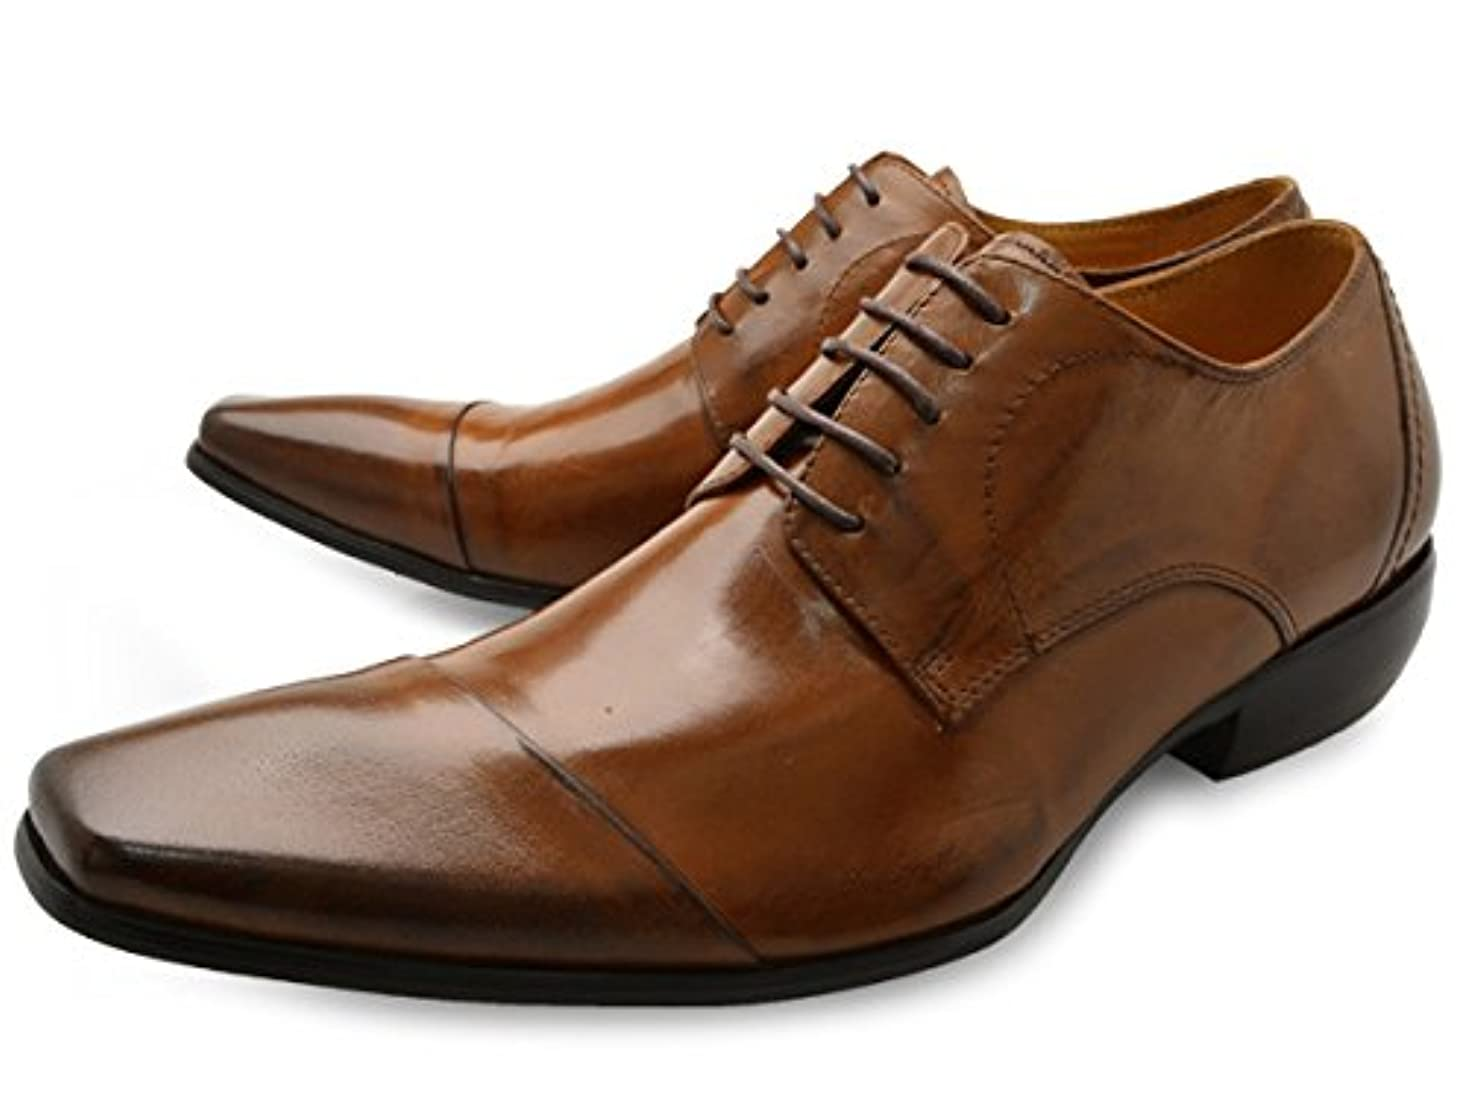 会員電話をかけるリスト[ バンプ アンド グラインド ] Bump N' GRIND bg-4000 ロングノーズ ビジネスシューズ 外羽根 紐タイプ メンズ [ 茶 ブラウン 本革 レザー ] BROWN LEATHER 革靴 紳士靴 ドレスシューズ